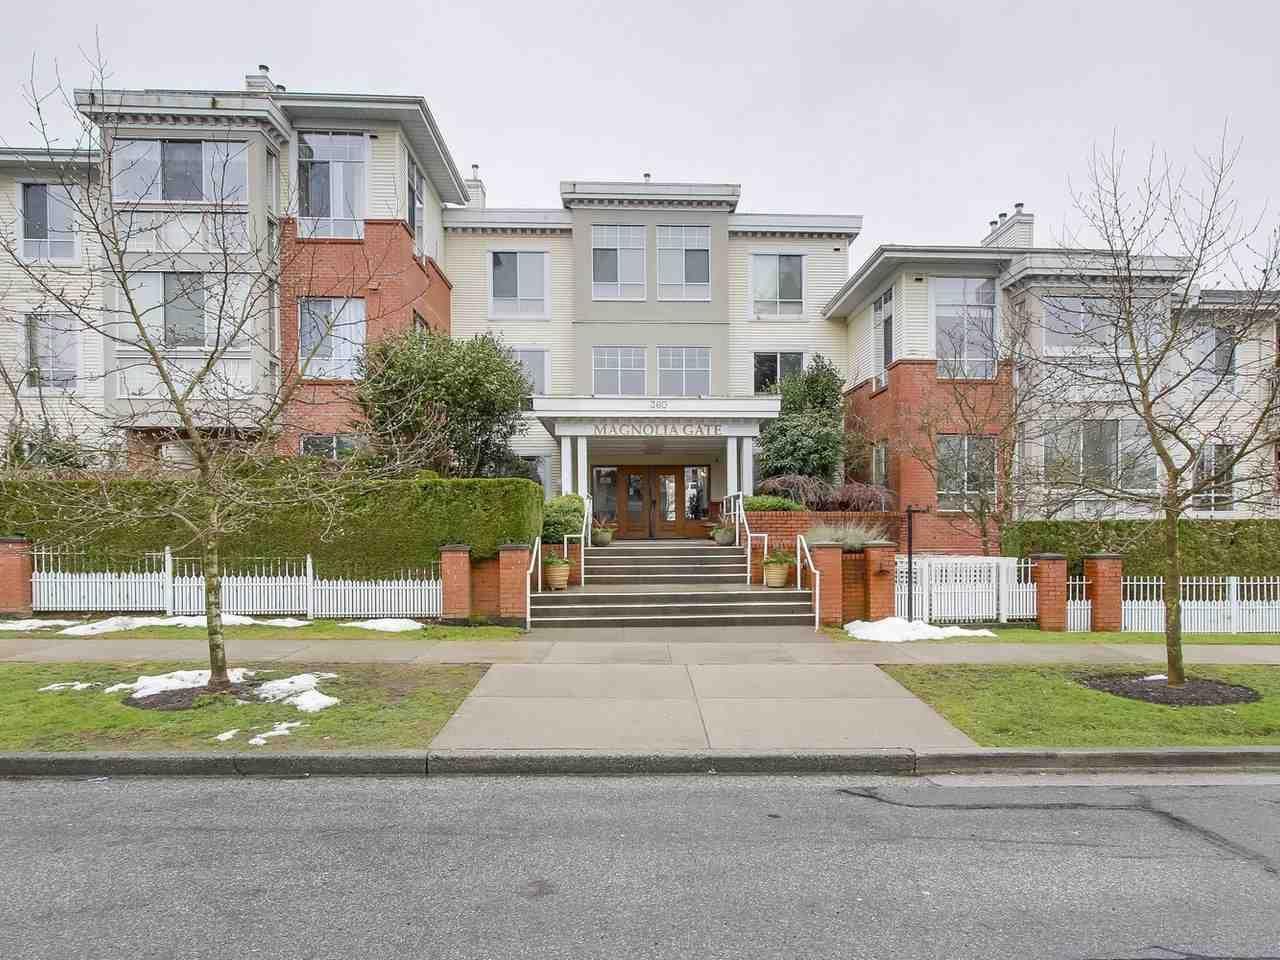 """Main Photo: 405 360 E 36TH Avenue in Vancouver: Main Condo for sale in """"MAGNOLIA GATE"""" (Vancouver East)  : MLS®# R2244662"""